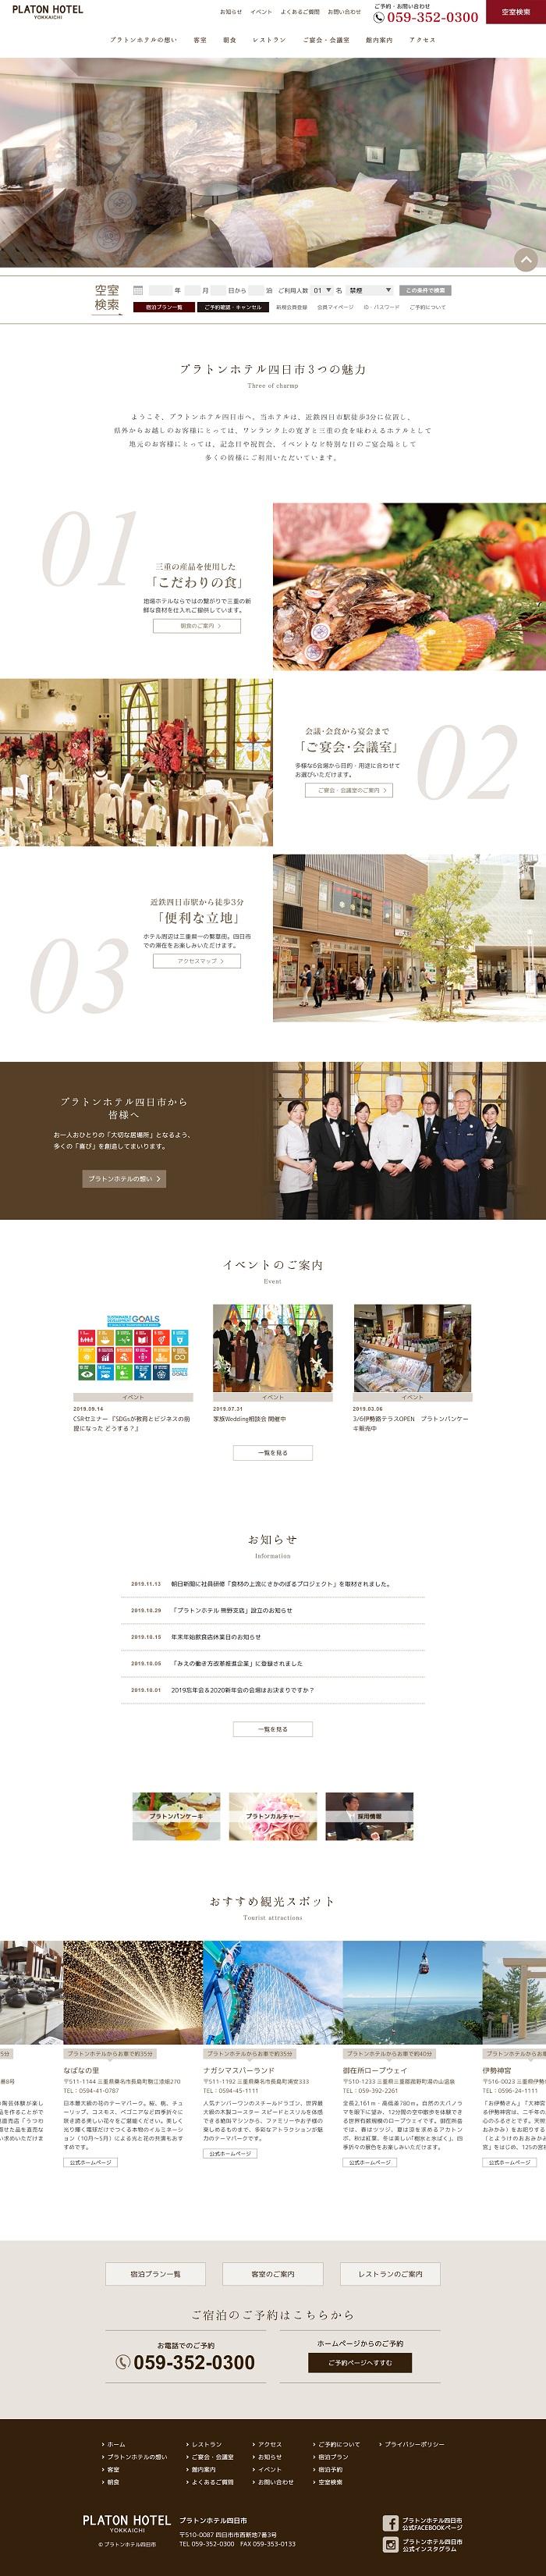 プラトンホテル四日市/三重県四日市駅徒歩3分/公式ホームページ